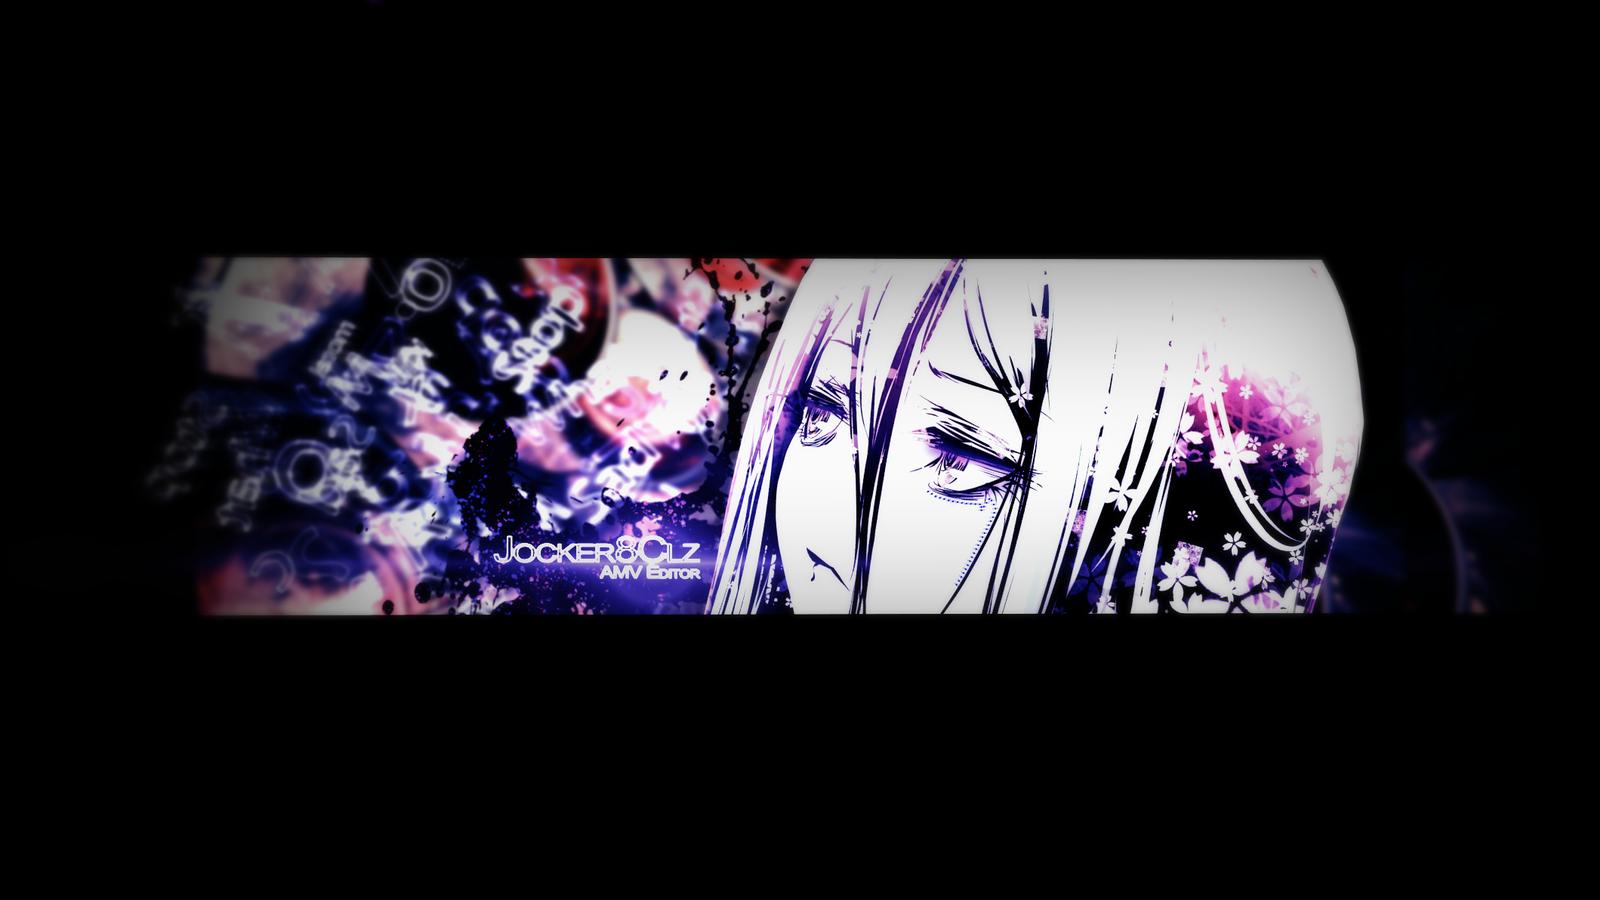 YouTube Anime Banner 3 by Jocker8CLz on DeviantArt